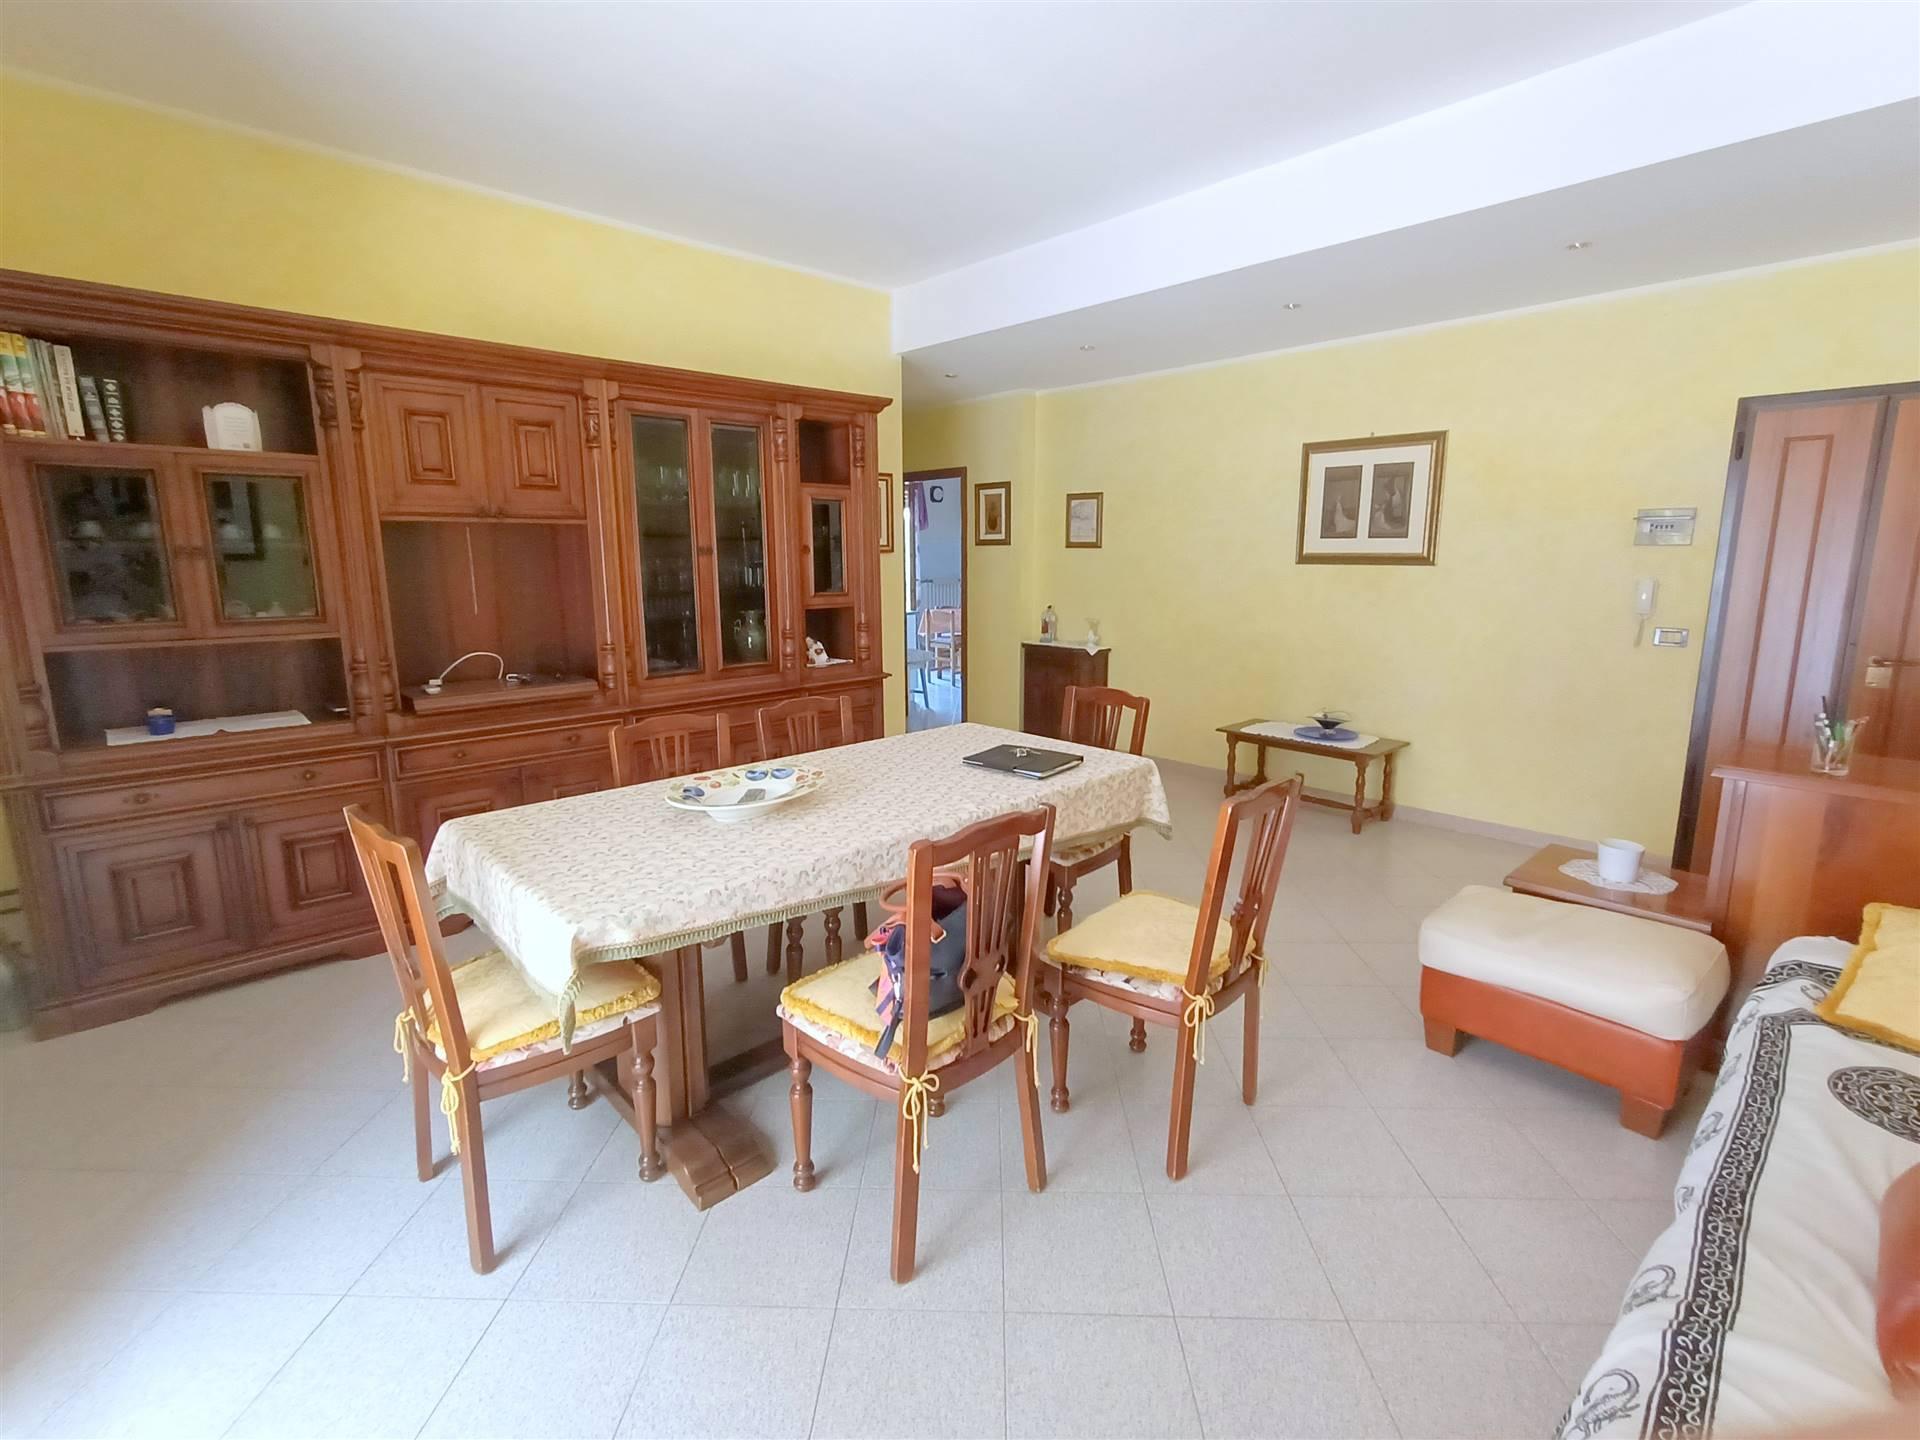 ALL IMMOBILIARE SAS propone in vendita ad OSIMO appartamento, IN BUONISSIME CONDIZIONI, al primo piano in palazzina con ascensore. L'abitazione